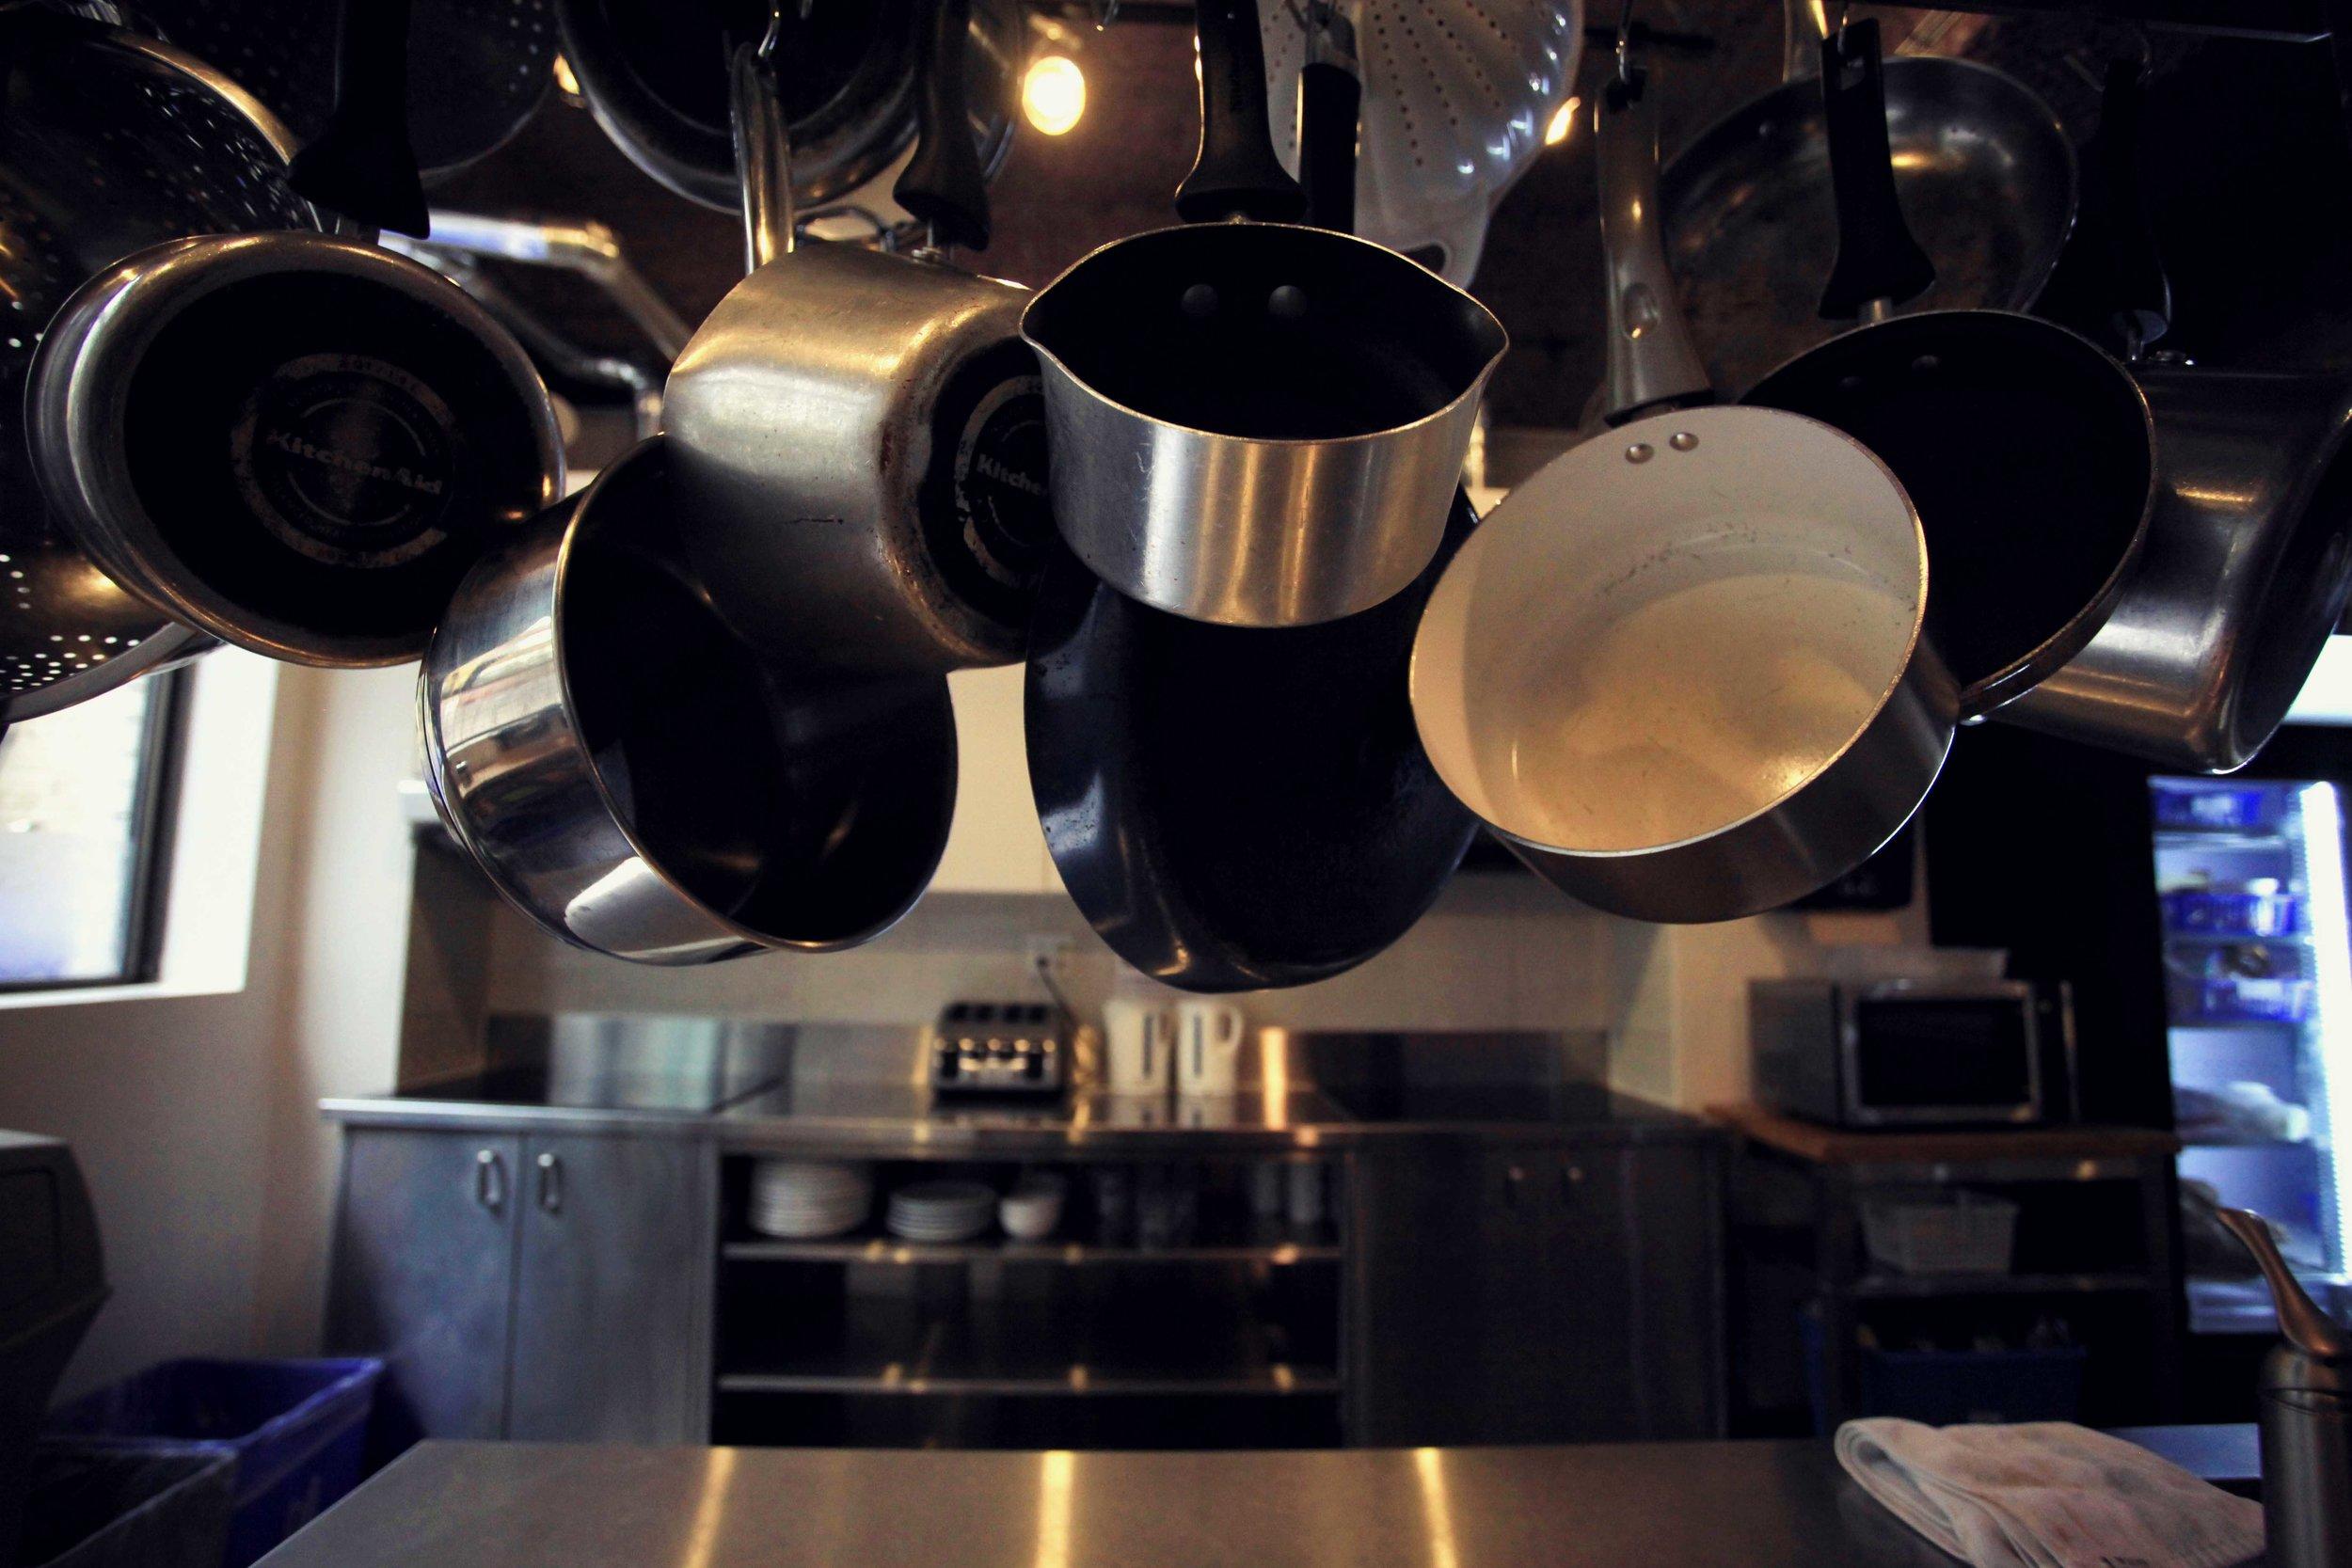 HI-Toronto-Hostel-Auberge-Kitchen-Pots.jpg